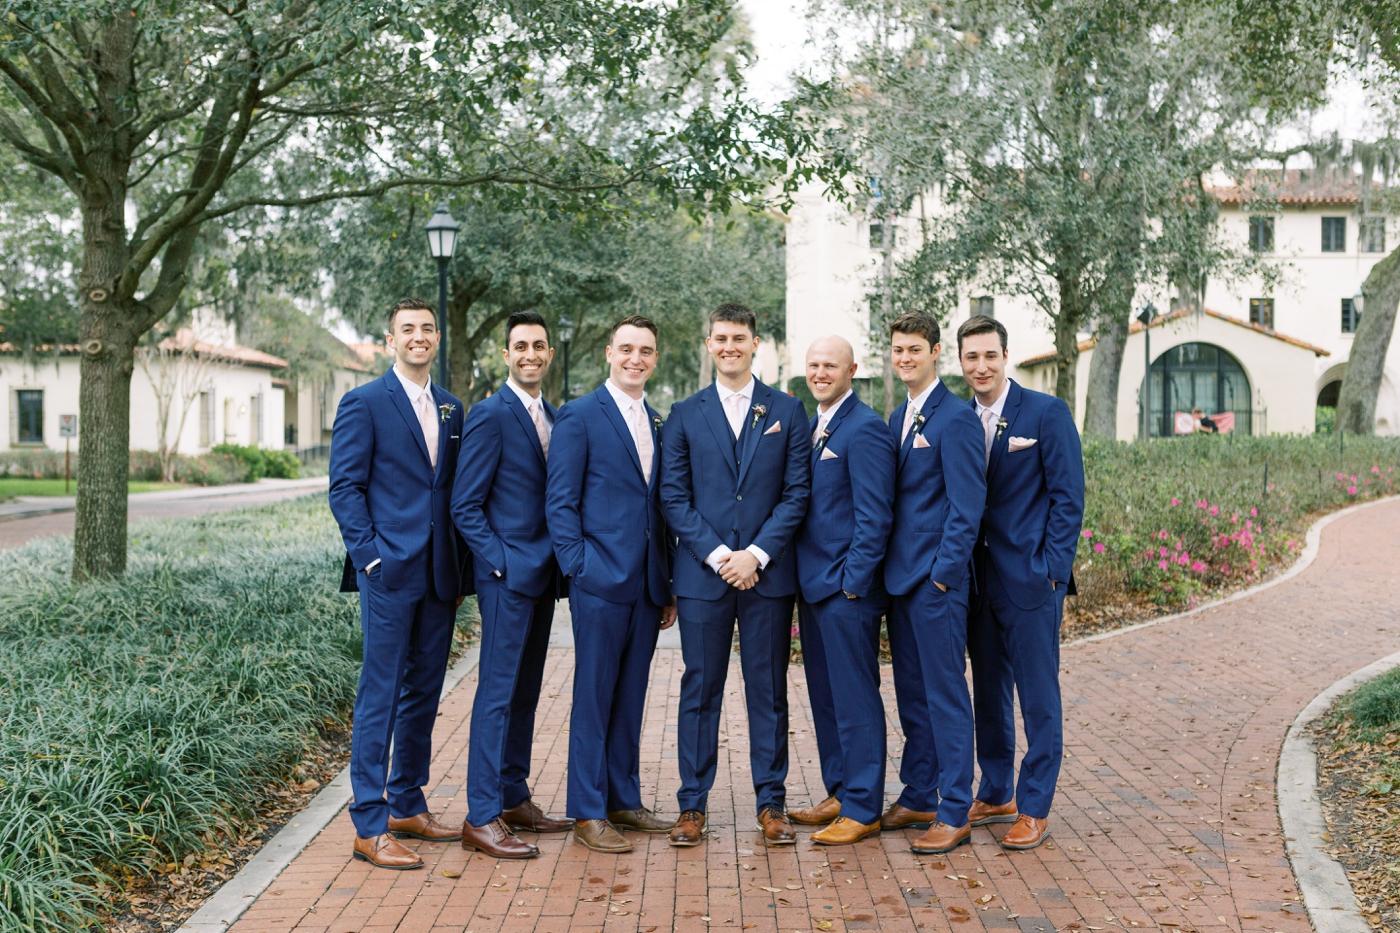 rollins college wedding